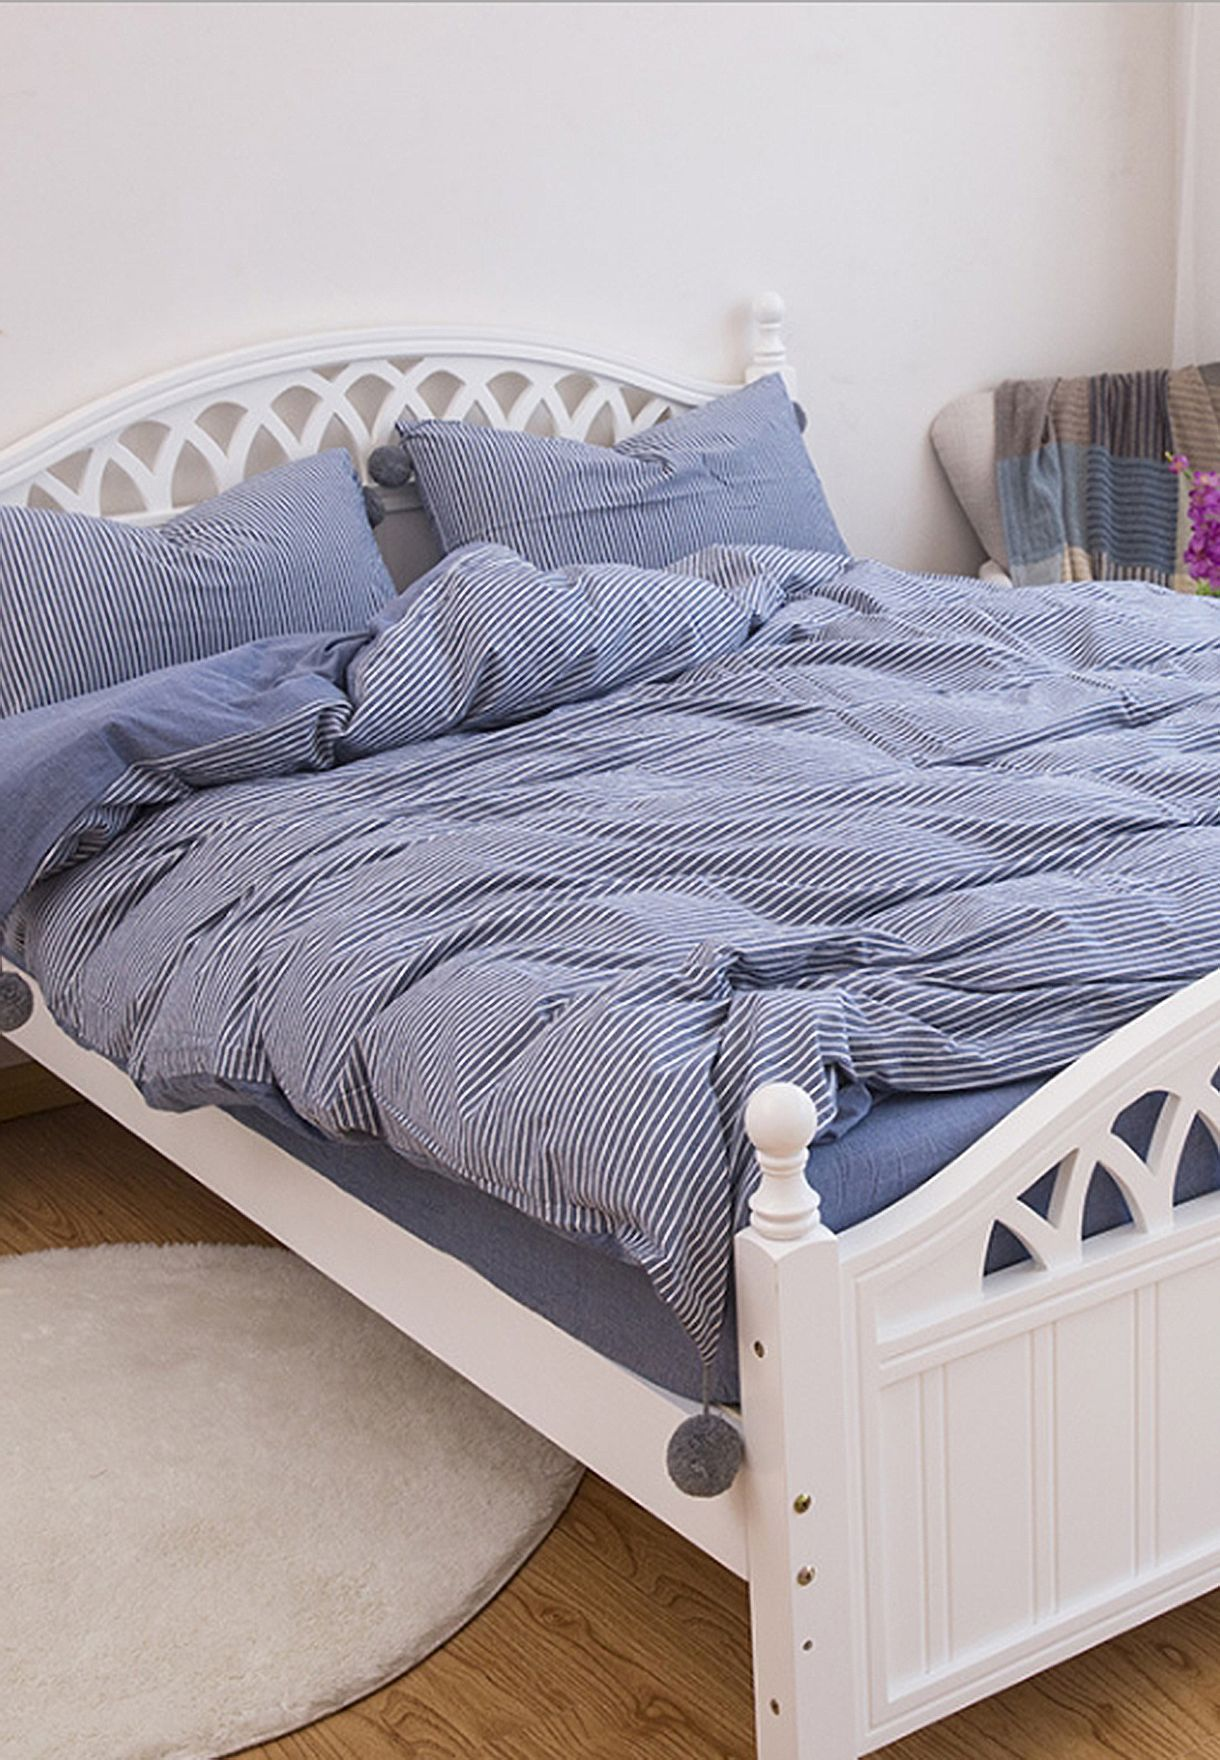 طقم سرير كبير مزين بكرات الفرو